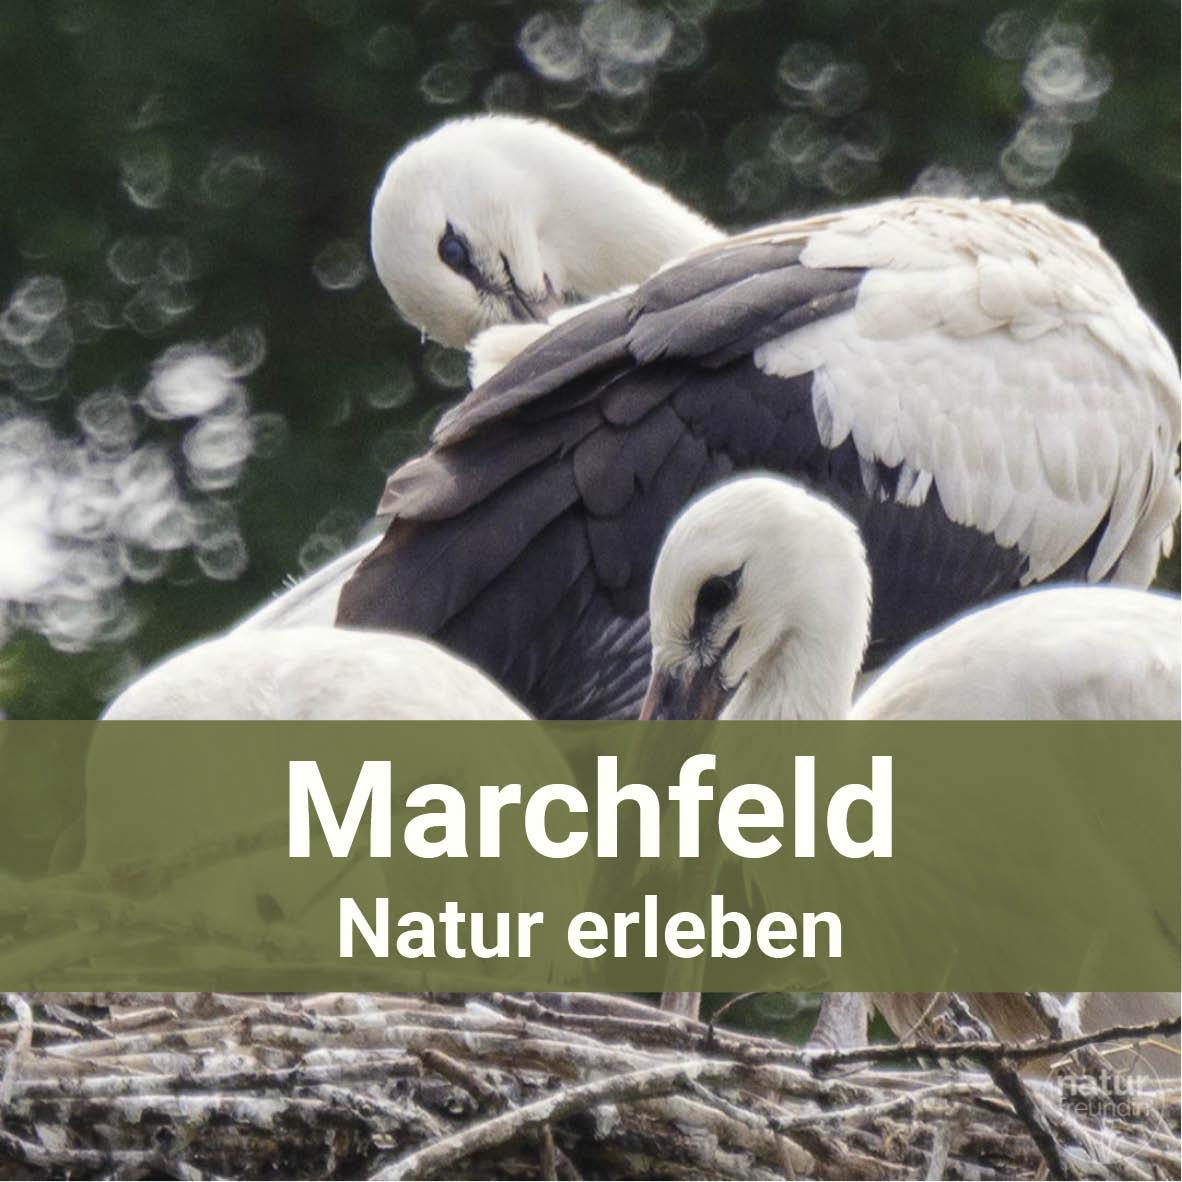 Natur erleben im Marchfeld